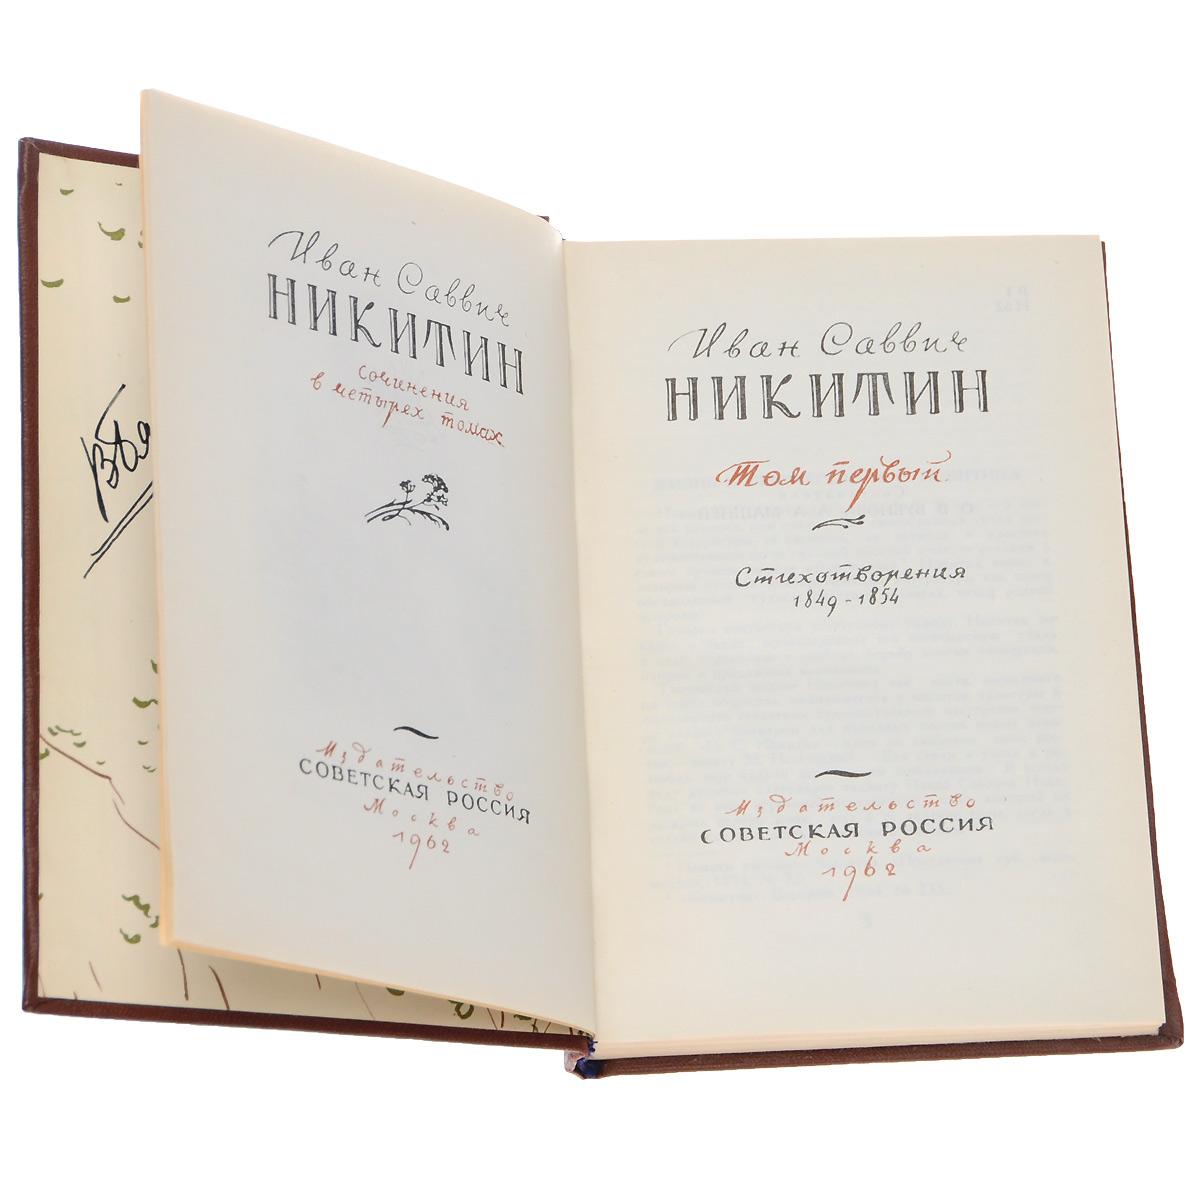 И. С. Никитин. Сочинения в 4 томах (комплект из 4 книг)